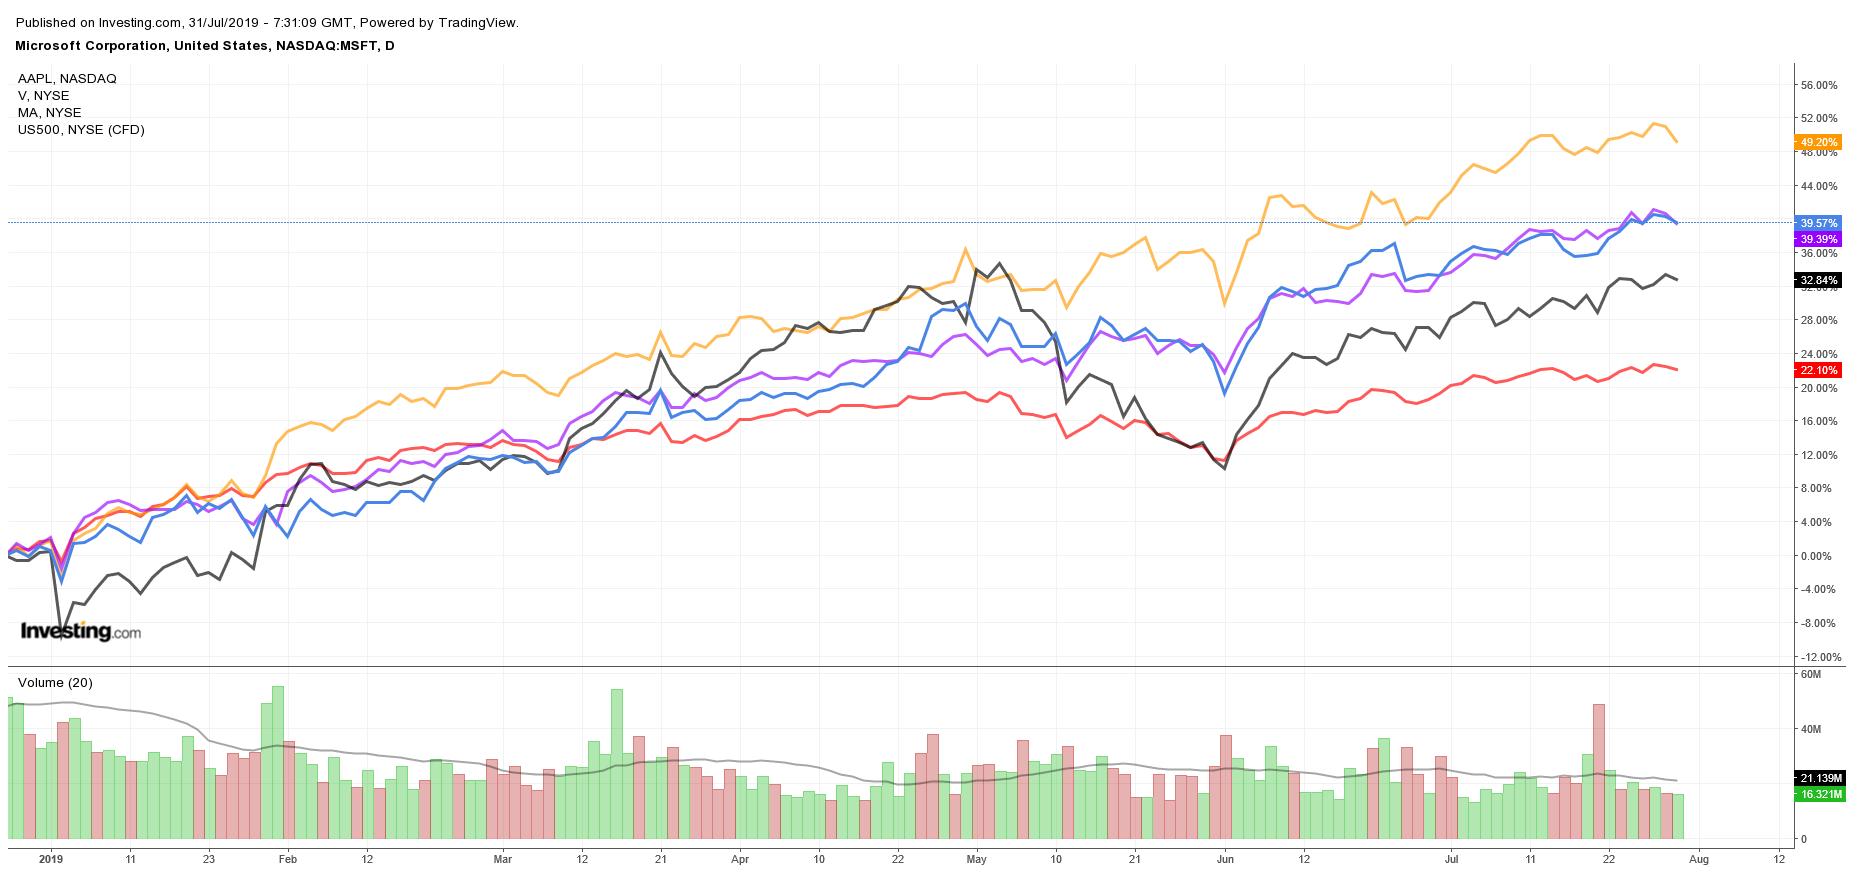 Performance $MSFT $AAPL $V $MA vs S&P 500